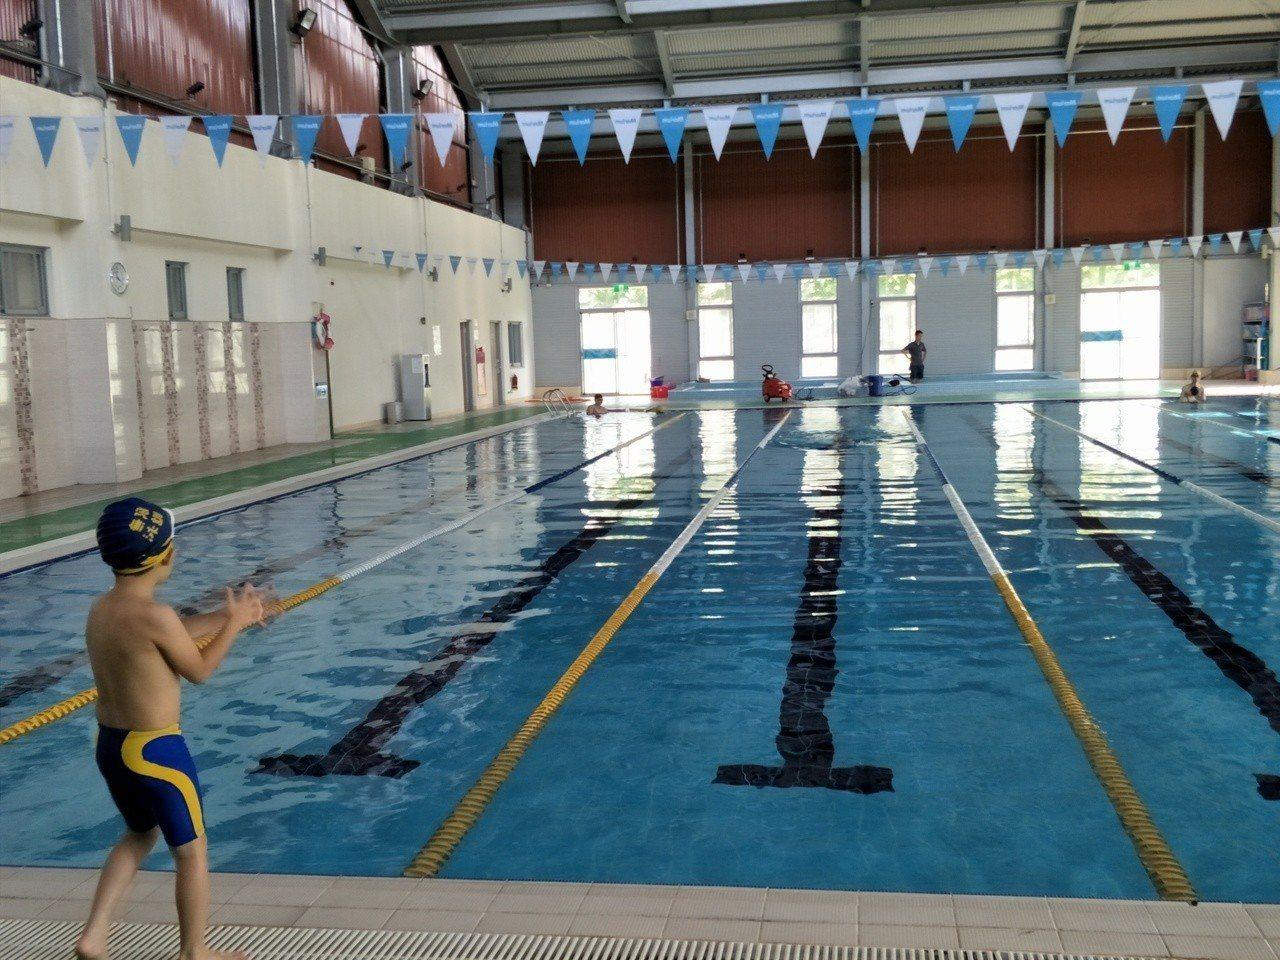 台南麻豆國中溫水游泳池營運,8日、9日開放免費游泳。記者謝進盛/攝影